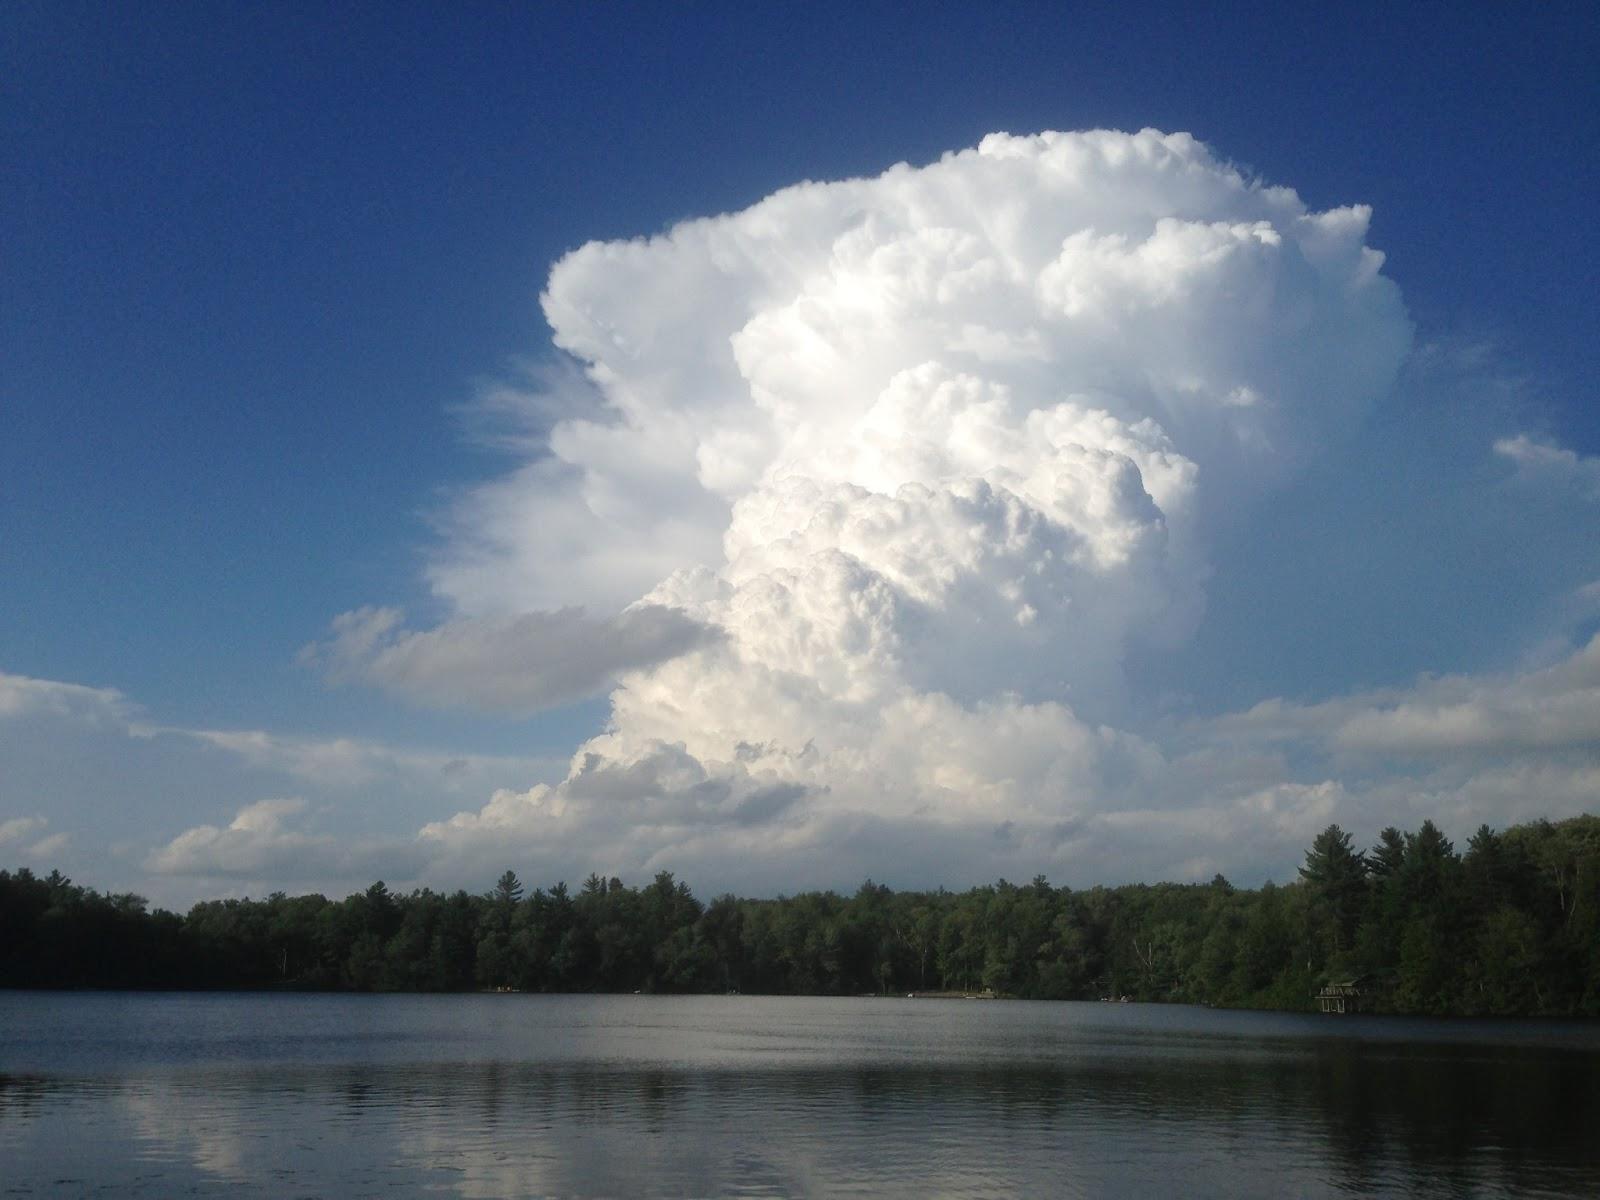 Rensselaer Plateau Life: Cumulonimbus Cloud